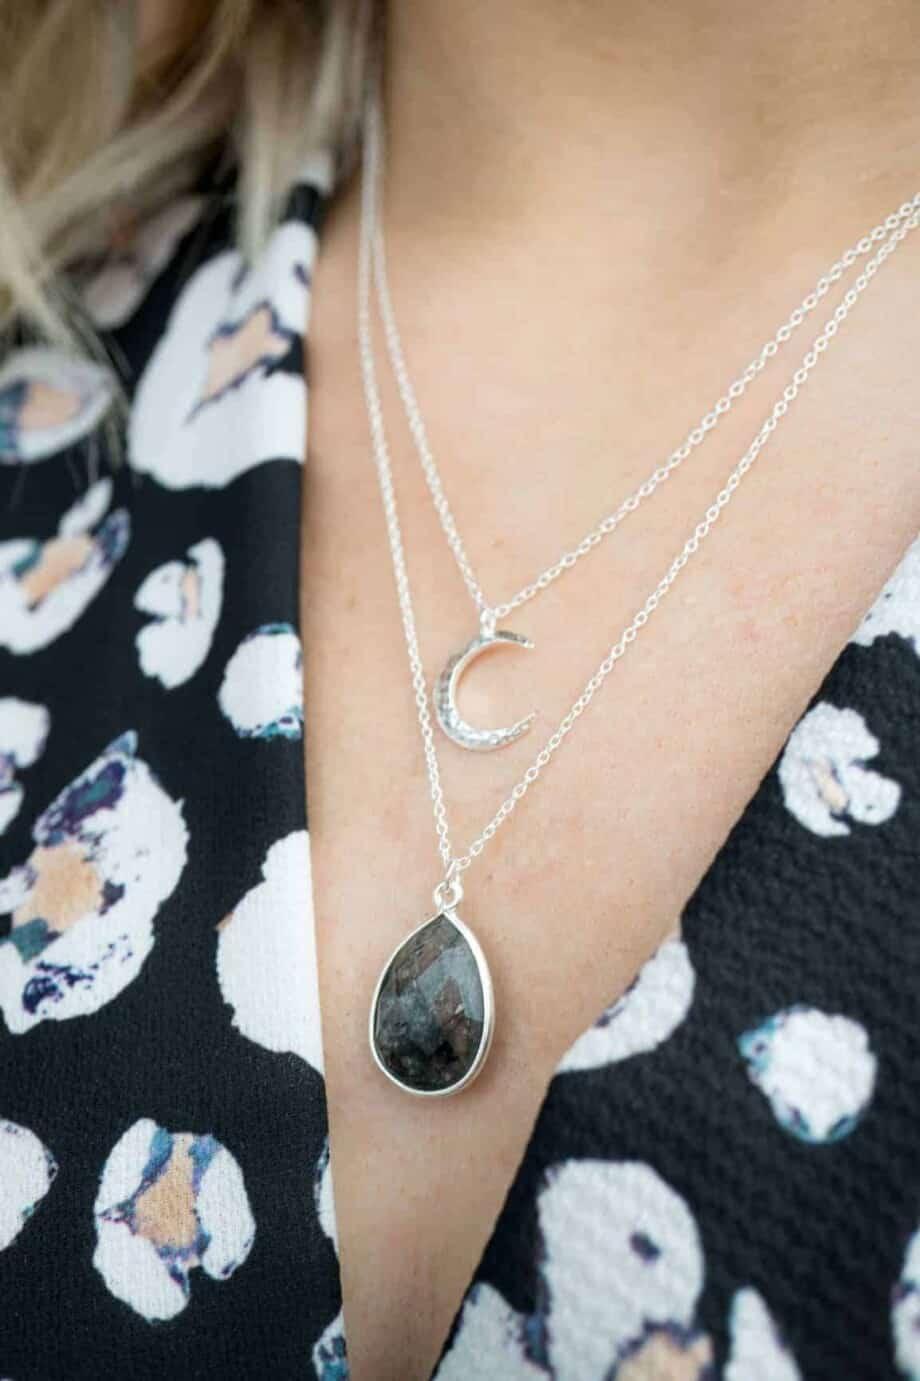 Handgemaakte Zilveren ketting met zwarte edelsteen 'Rutielkwarts' en Zilveren 'Maan' Sterling Zilveren ketting